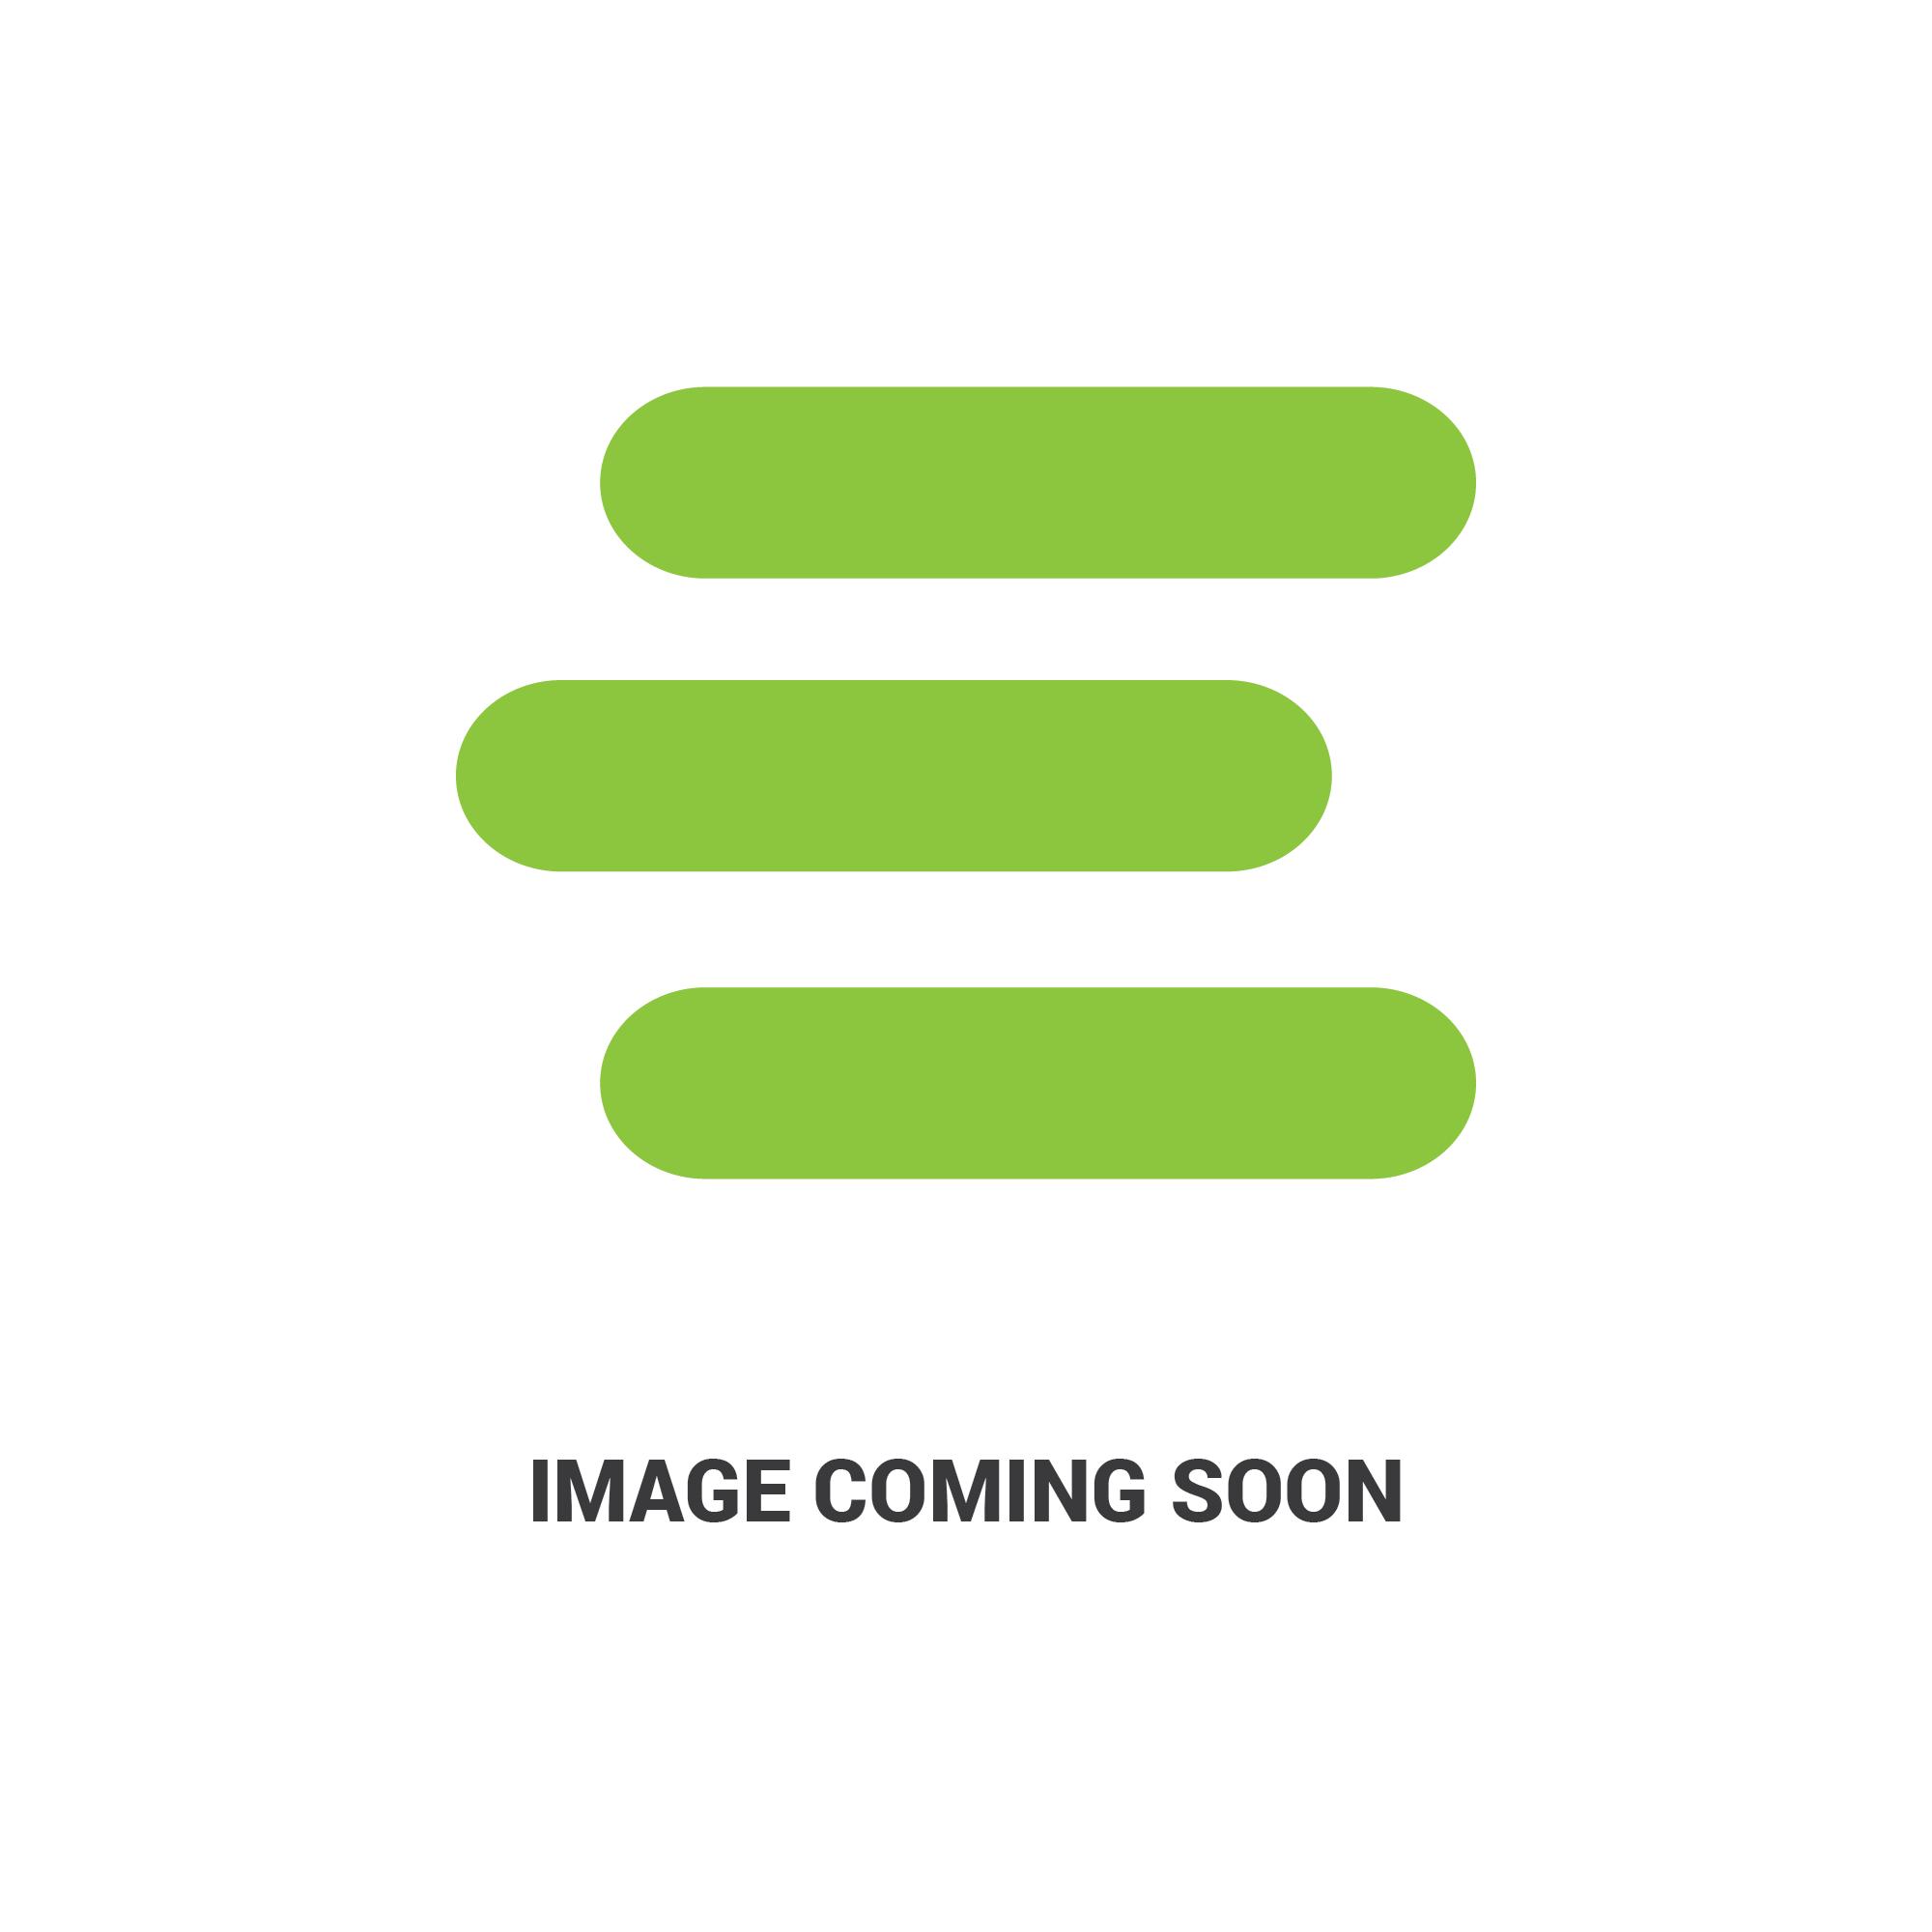 E-6A320-59912edit 266.jpg